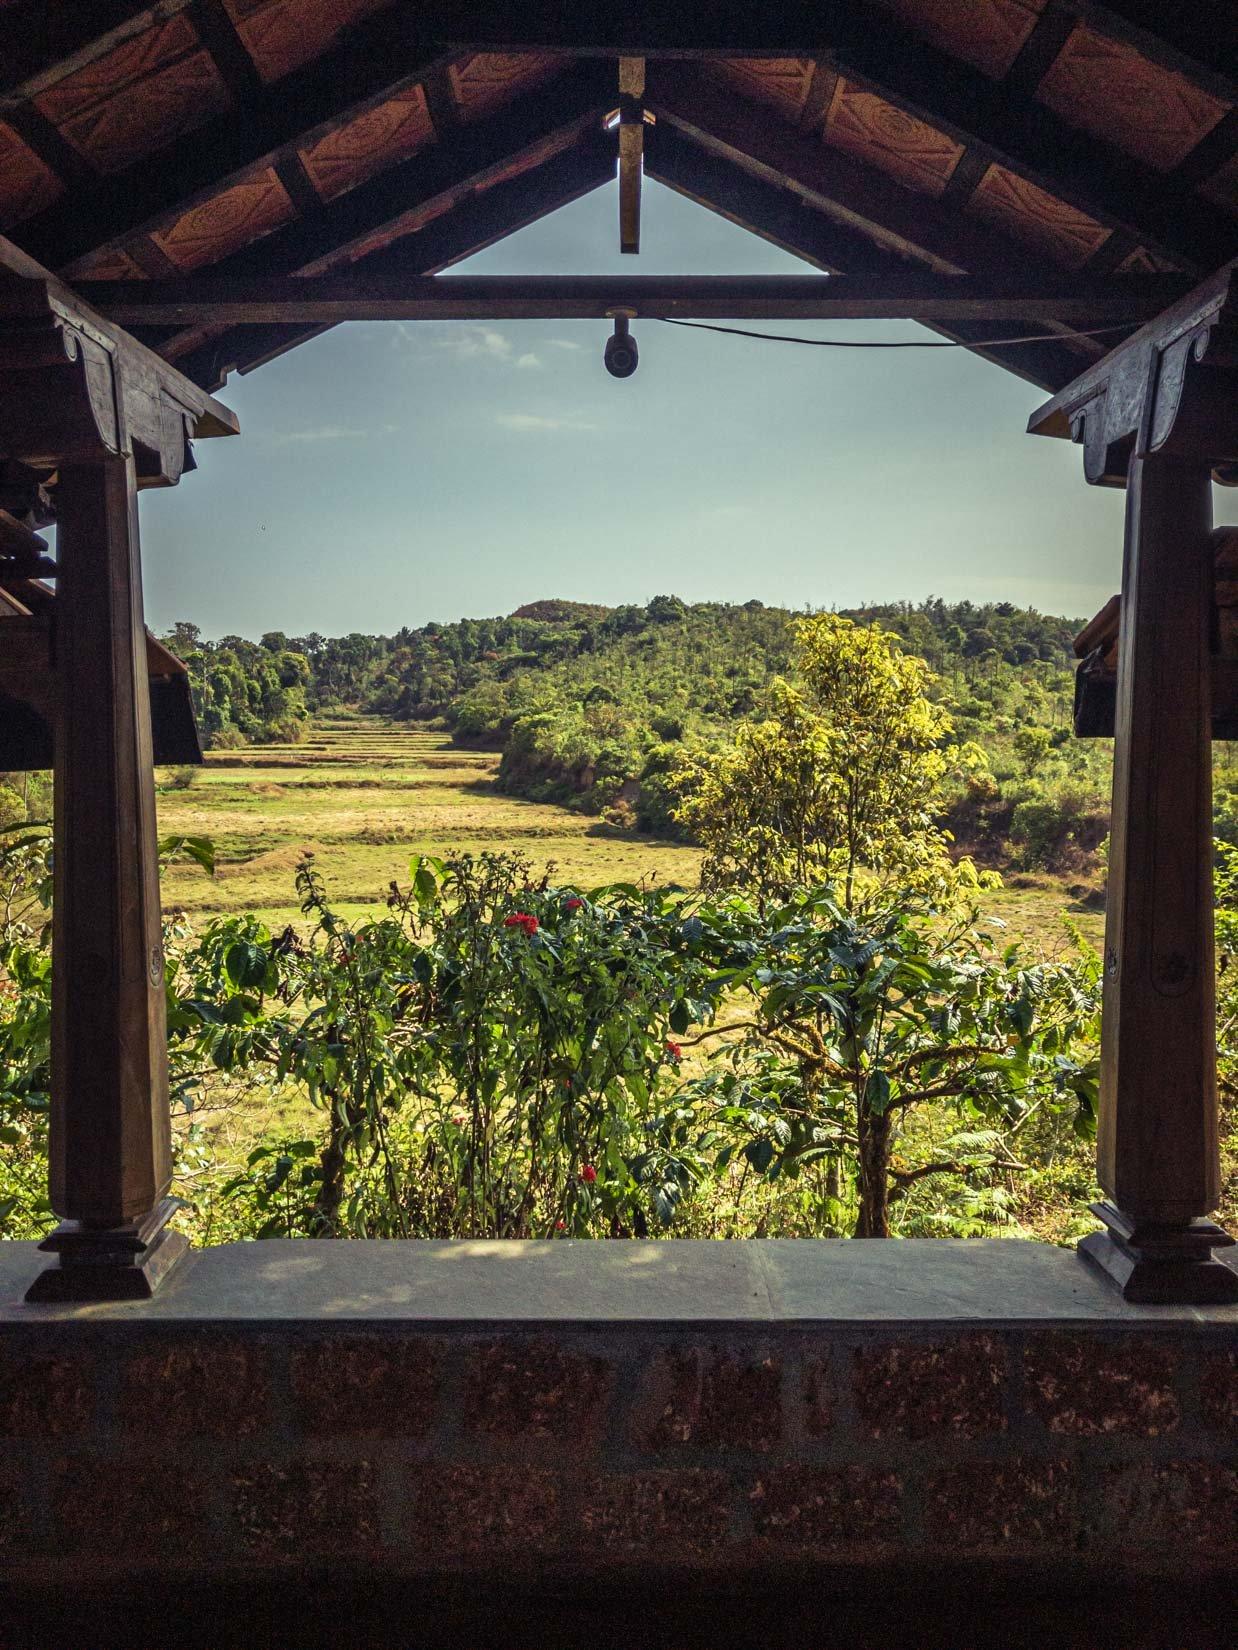 Un jardin d'épices, de thé et de café, véritable paradis de la biodiversité sur la chaîne des Ghats occidentaux au Karnataka